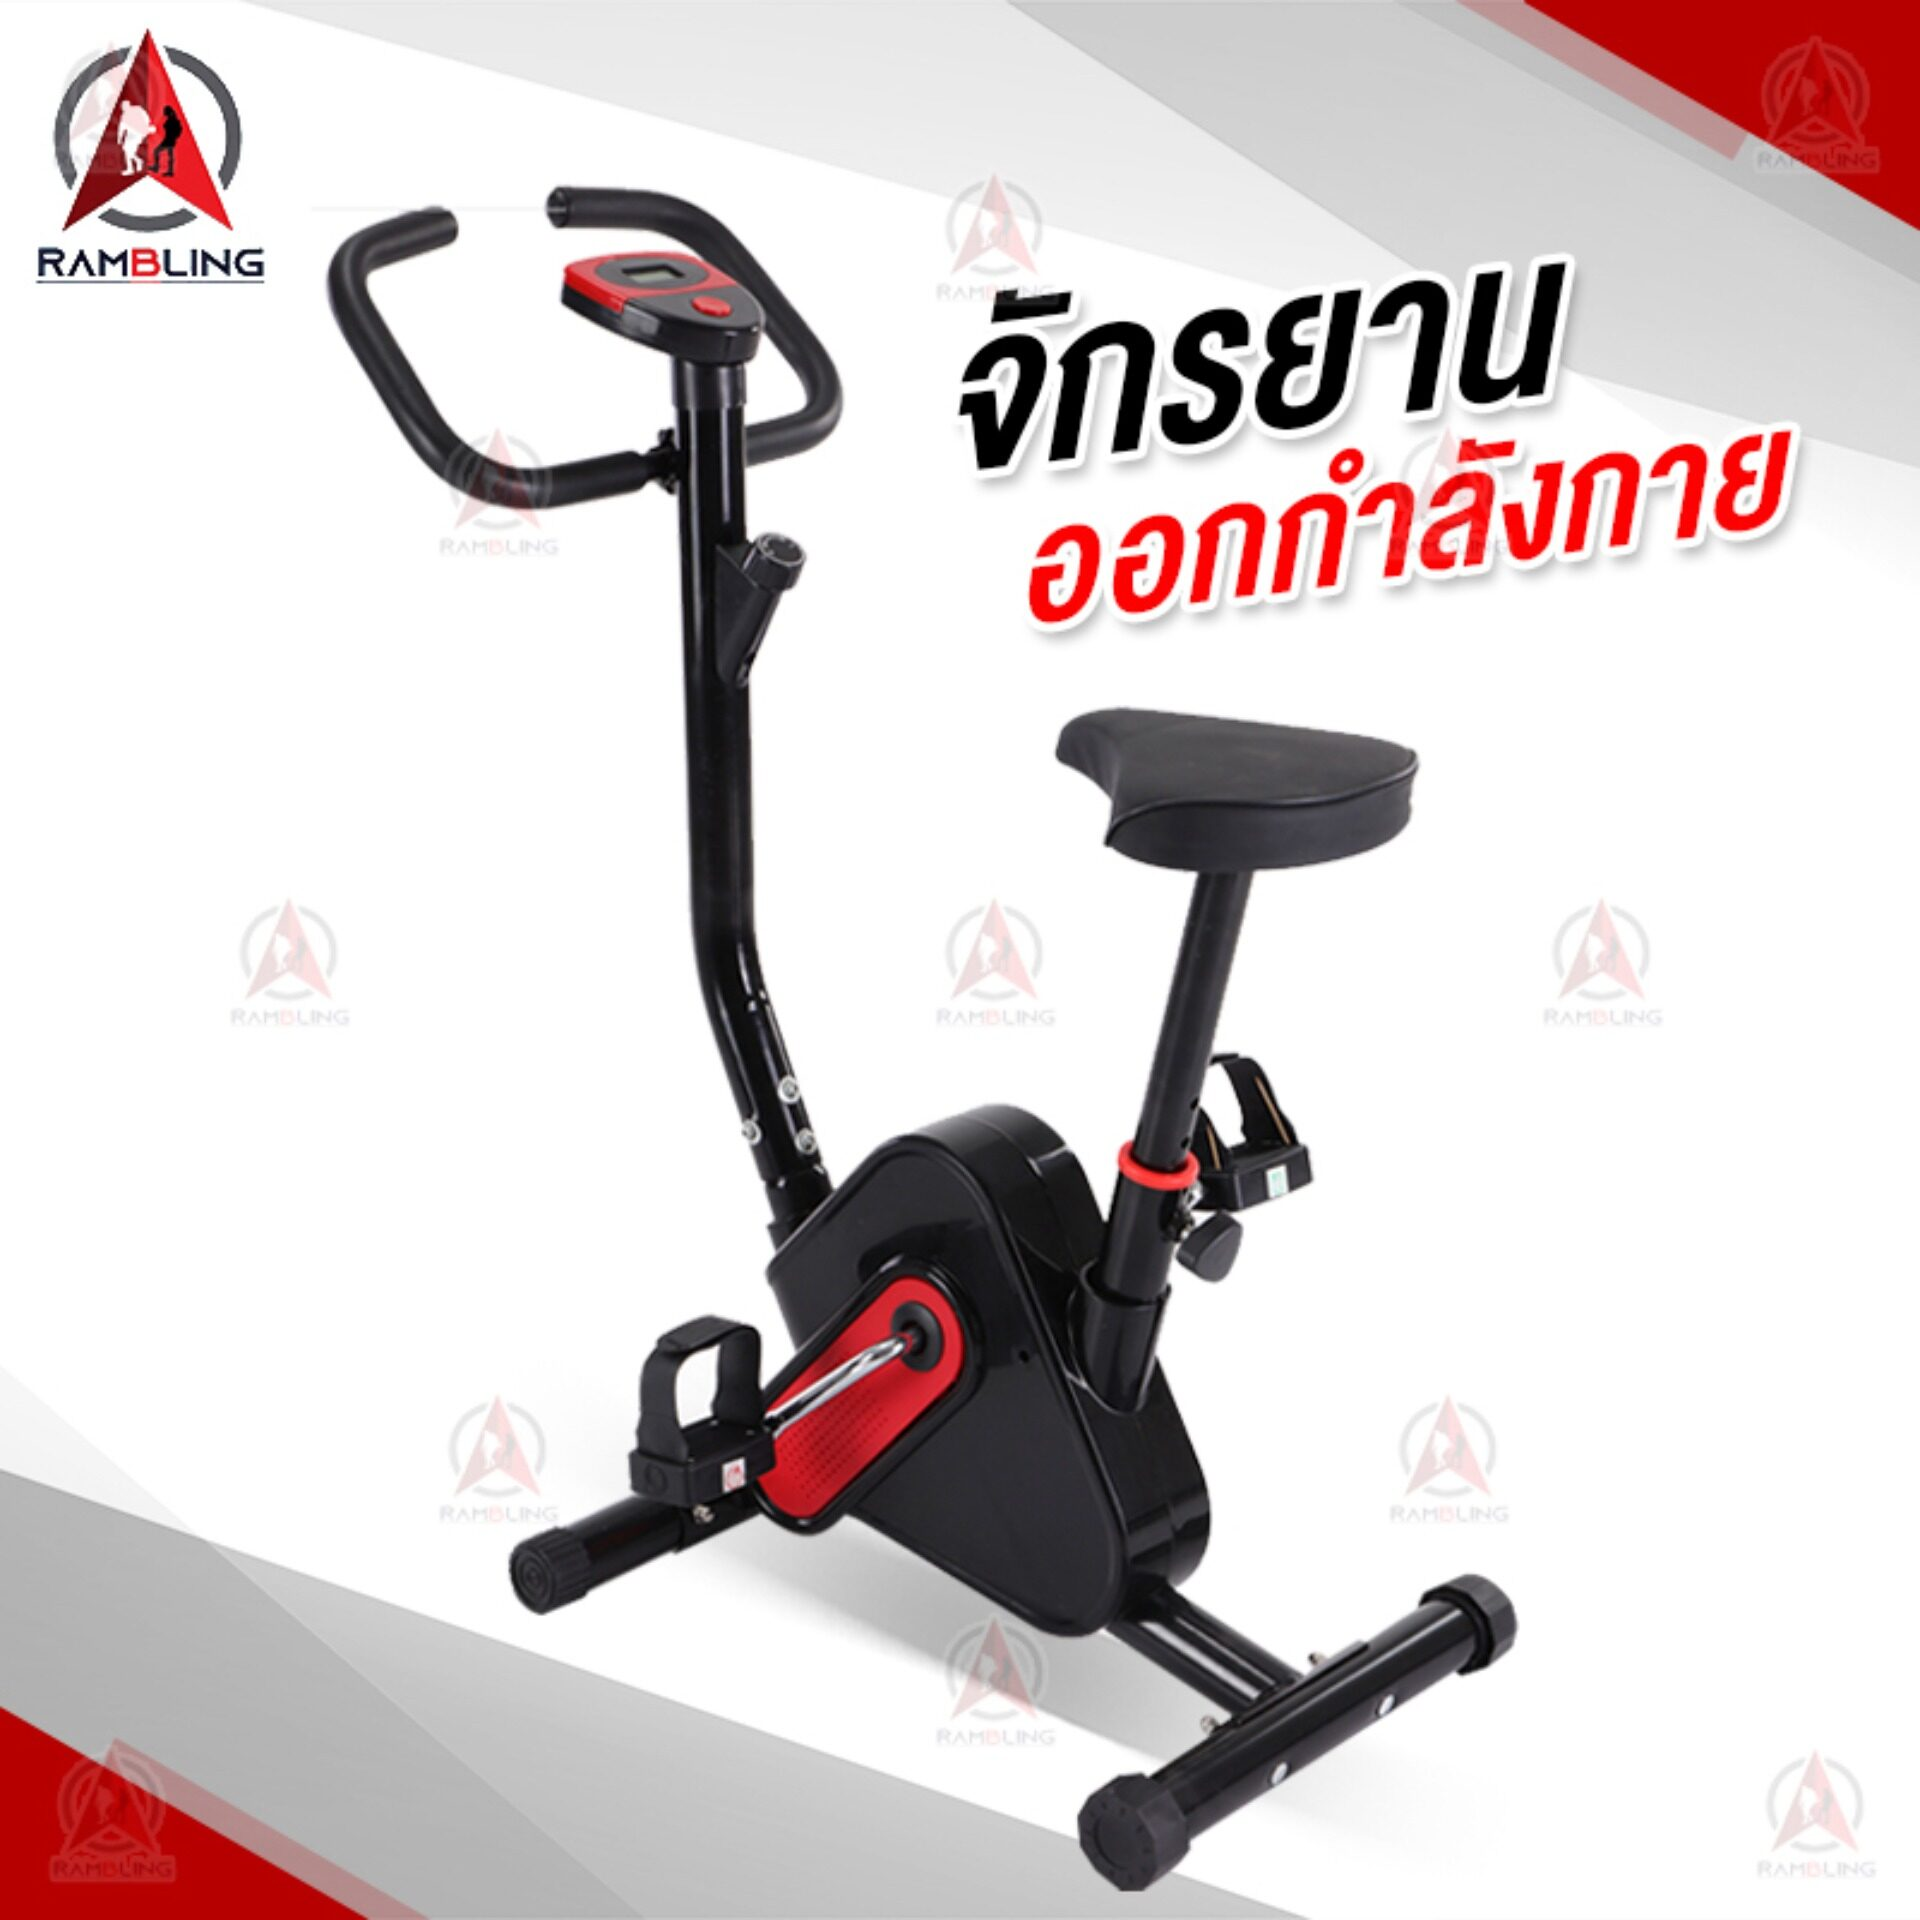 จักรยานออกกำลังกาย เครื่องออกกำลังกาย Exercise Bike จักรยานบริหาร Fitness จักรยานปั่นในบ้าน.